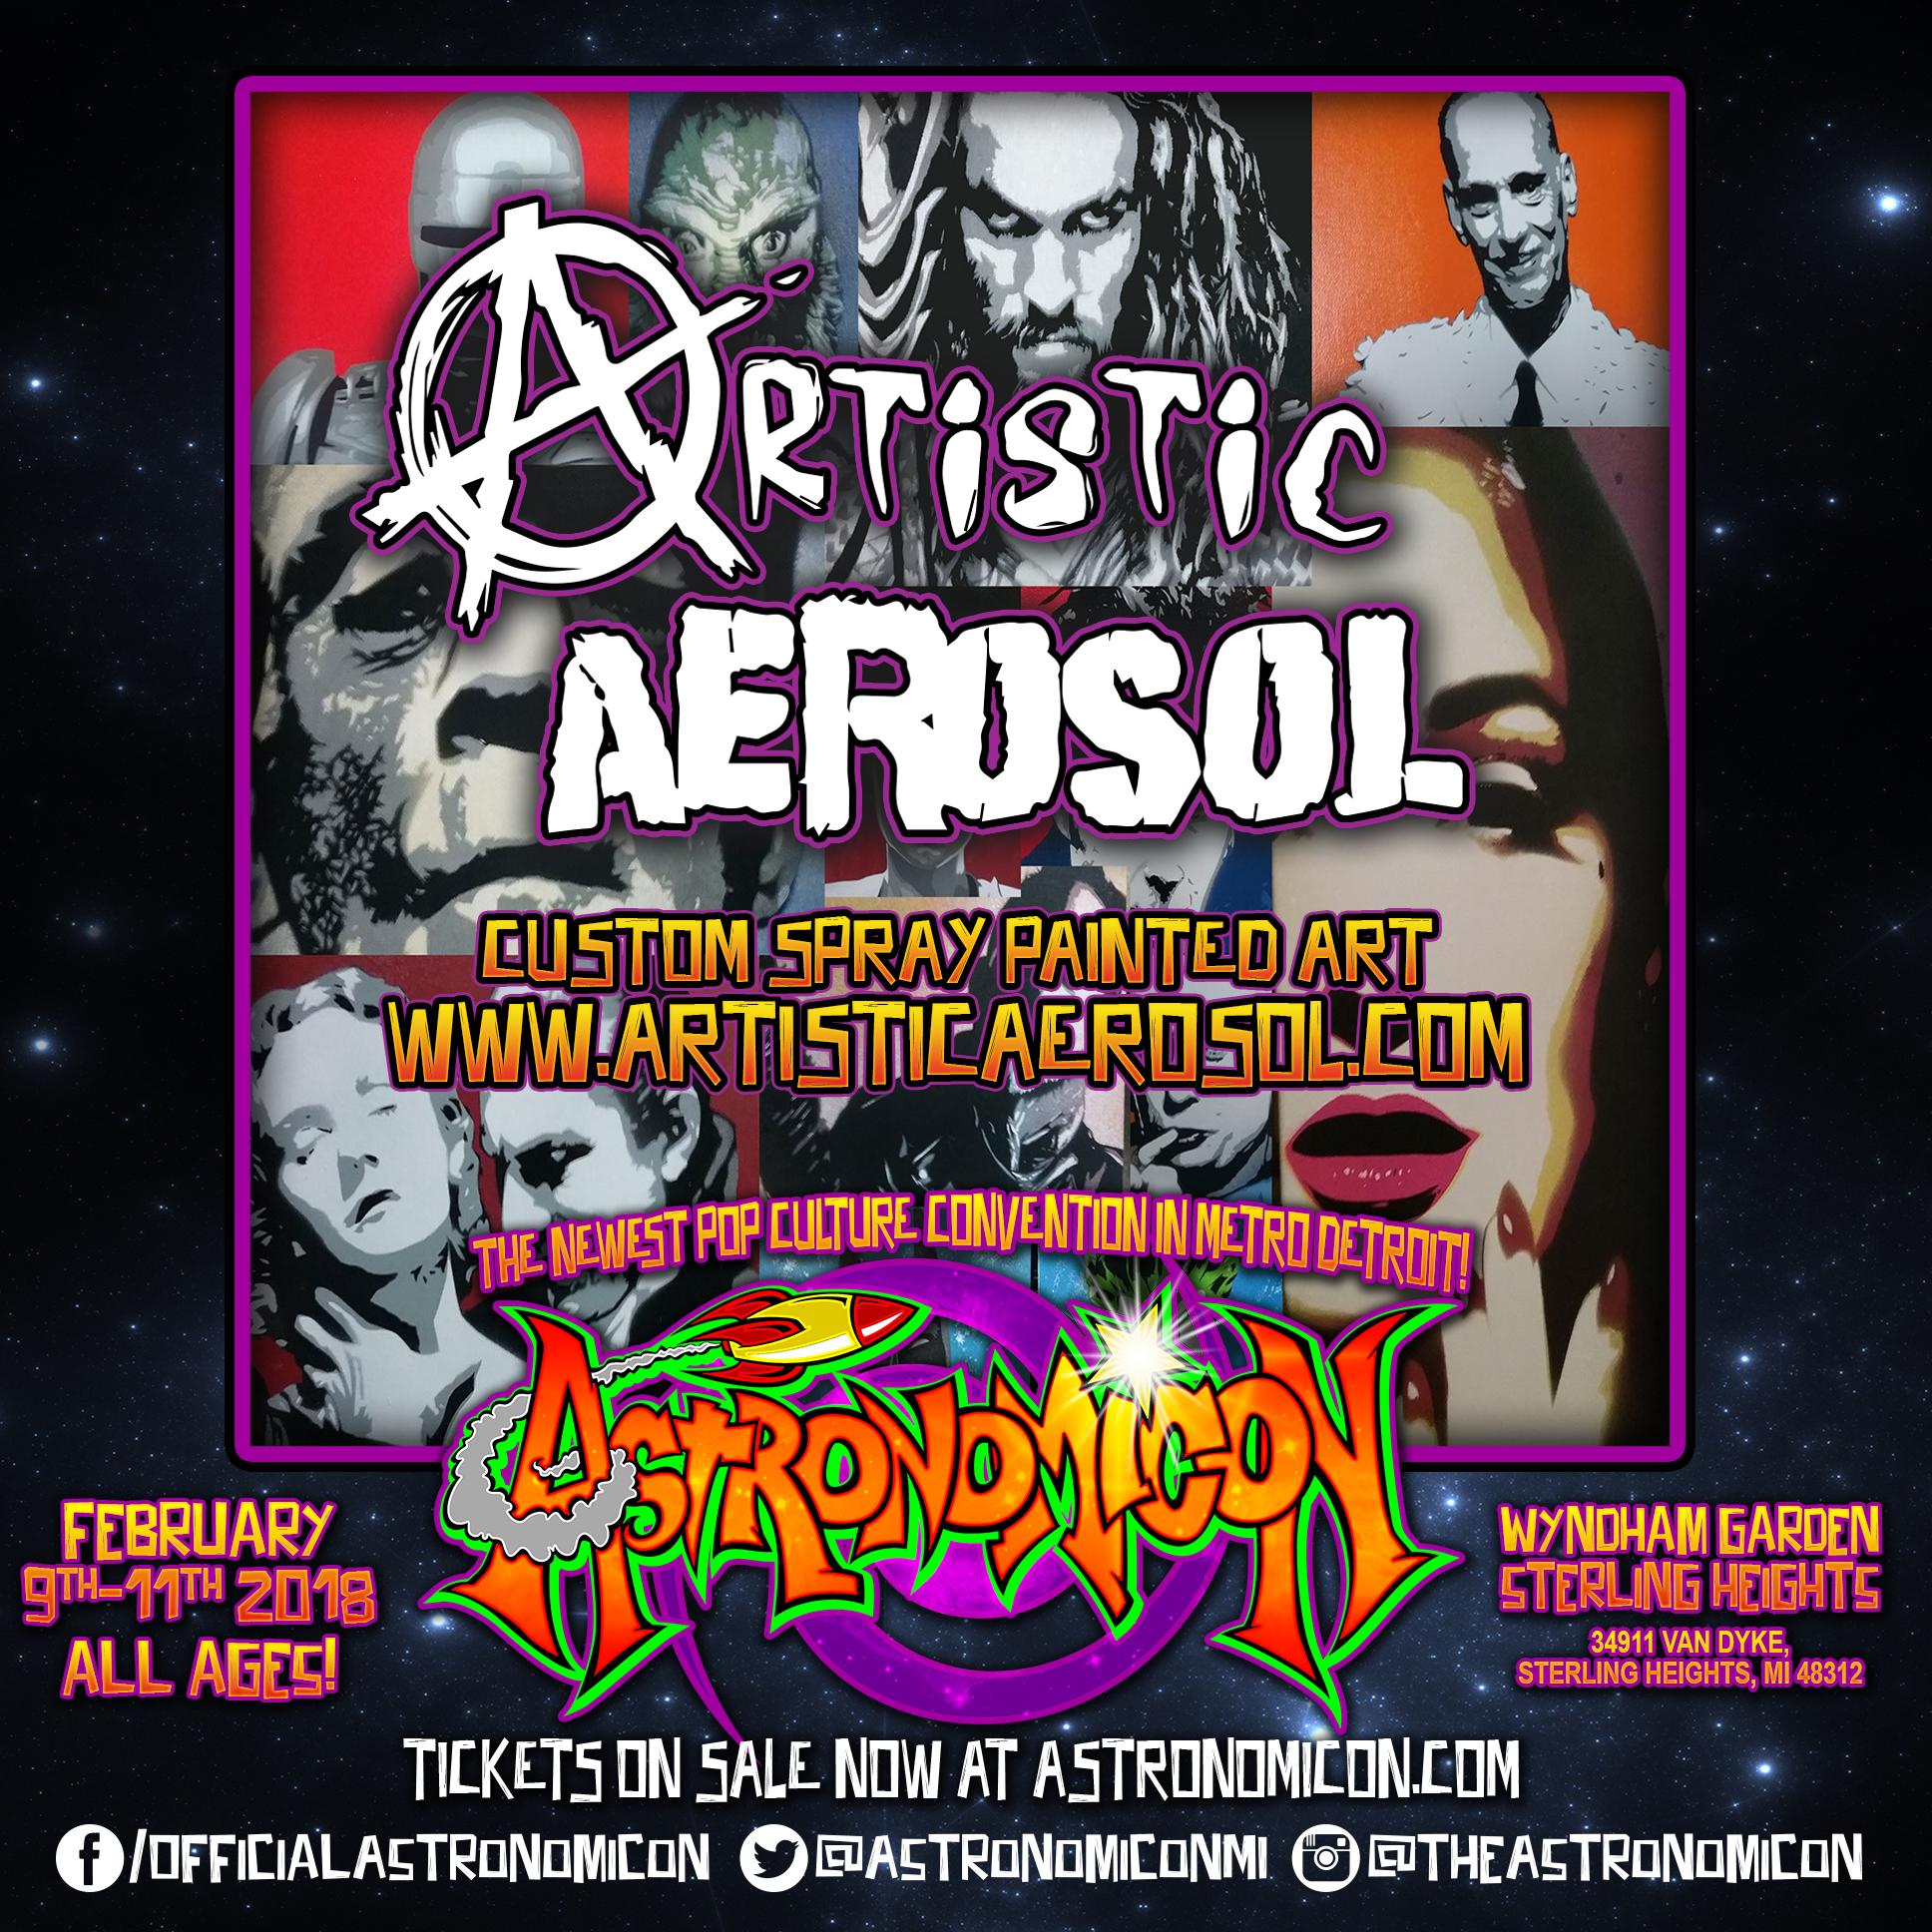 Artistic Aerosol -  www.artisticaerosol.com